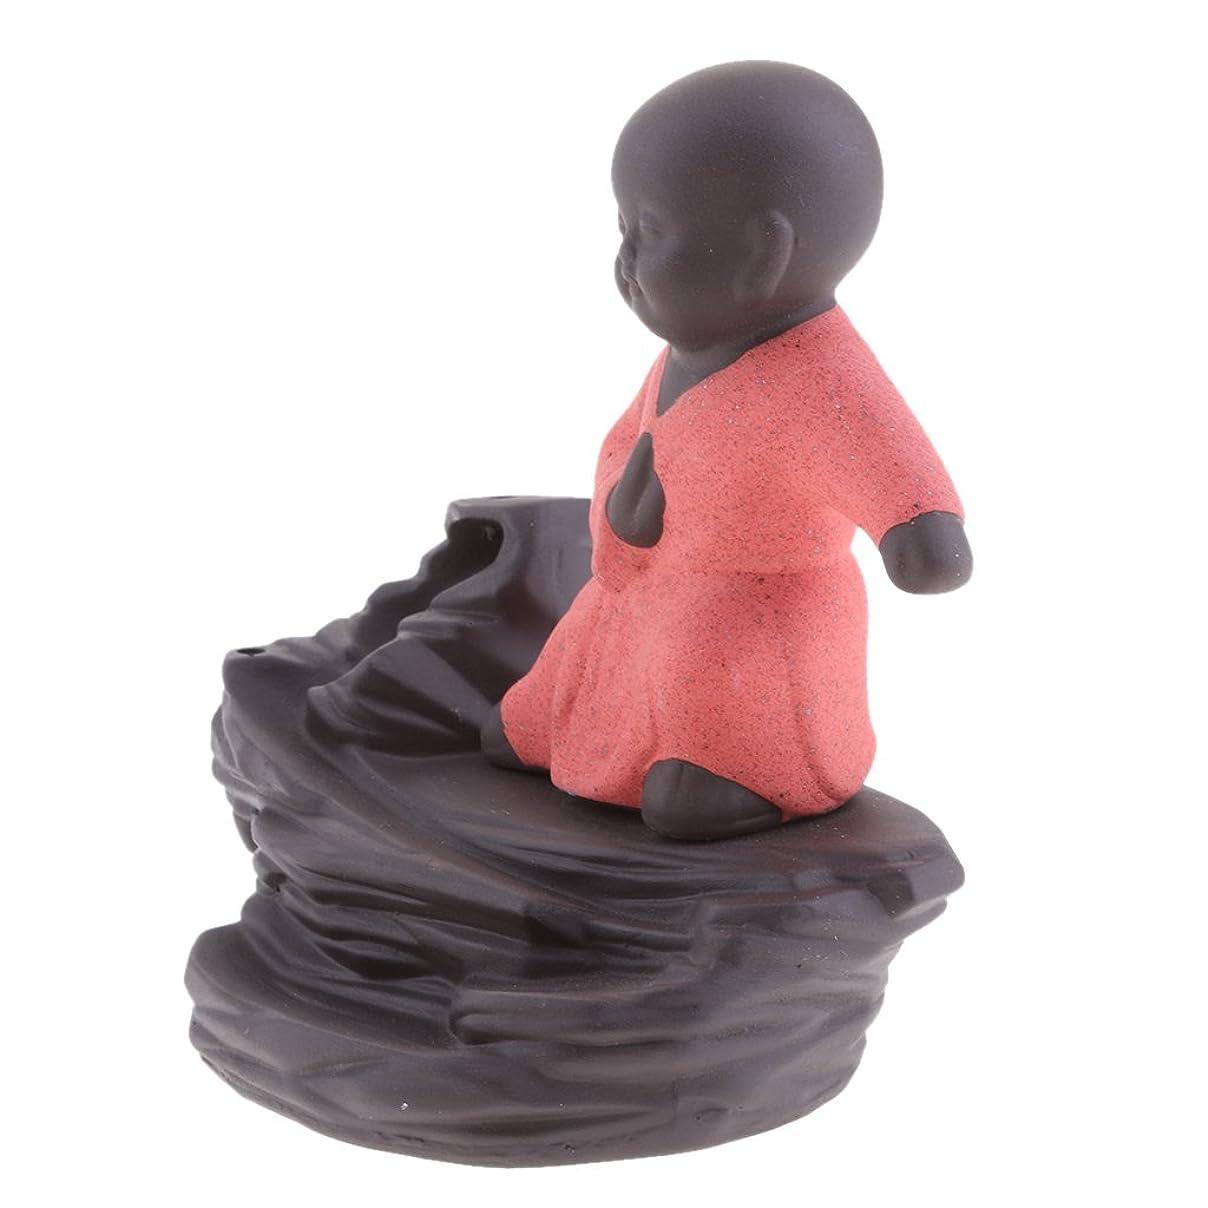 曲遠近法オアシスJiliオンラインクリエイティブホームDecor The Little Monk / Tathagata / Buddha Statue逆流香炉香炉 96b804dd59b6789b9ce09875d285d232